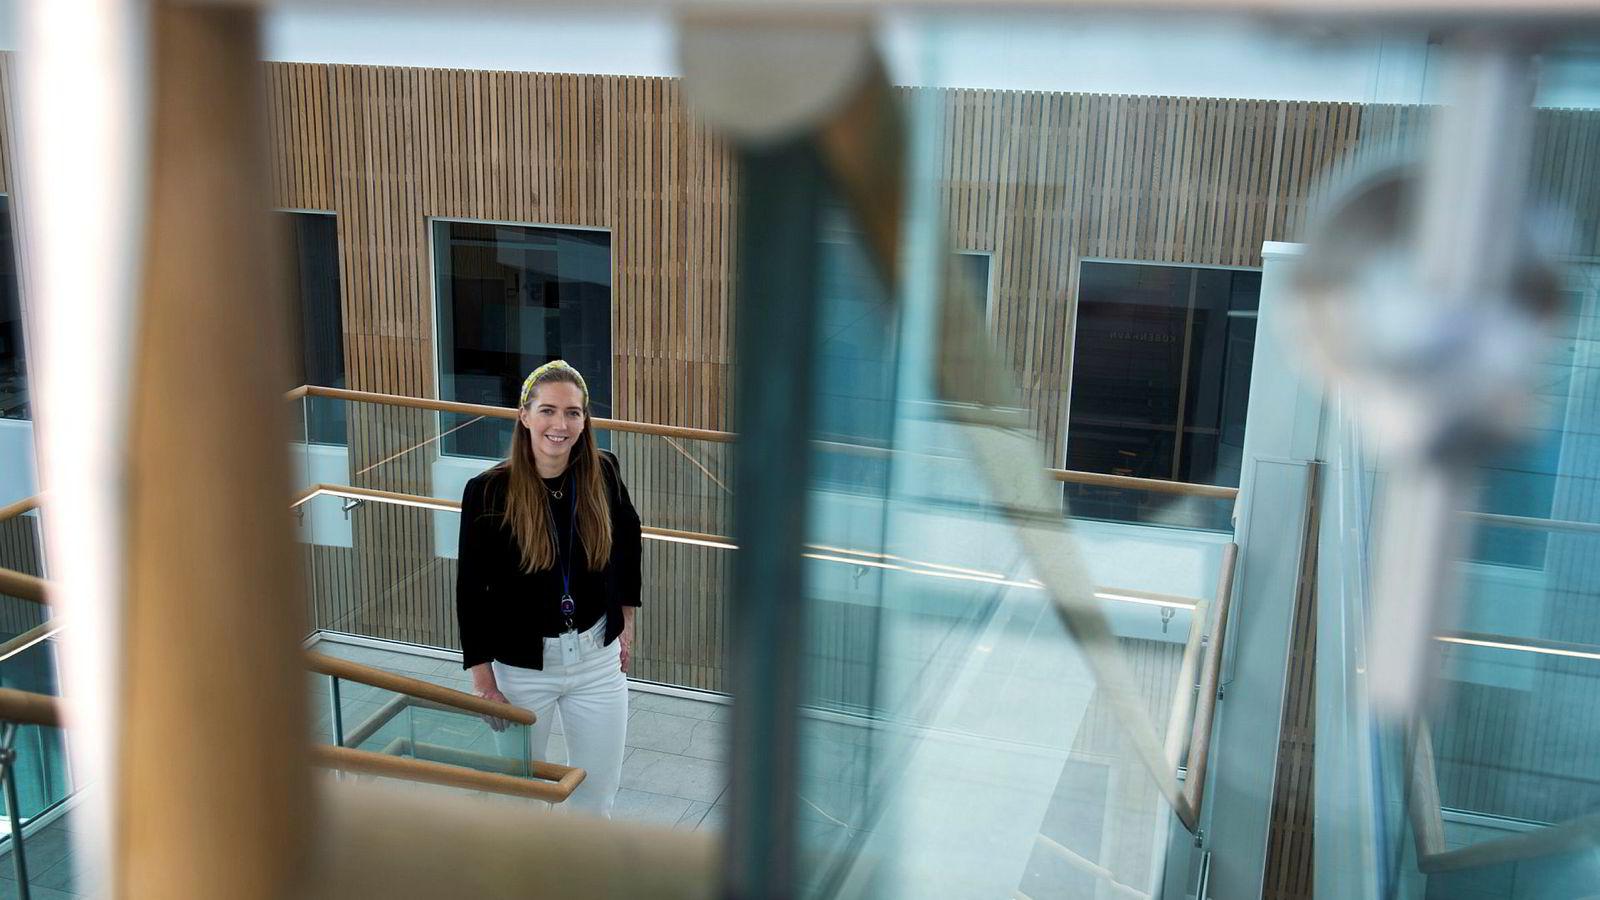 Marthe Øksnes (29) var ikke engang på utkikk etter ny jobb da hun kom over stillingsutlysningen til Kongsberg Digital på Linkedin. Det tok ikke mange dagene før hun fikk jobbtilbud.